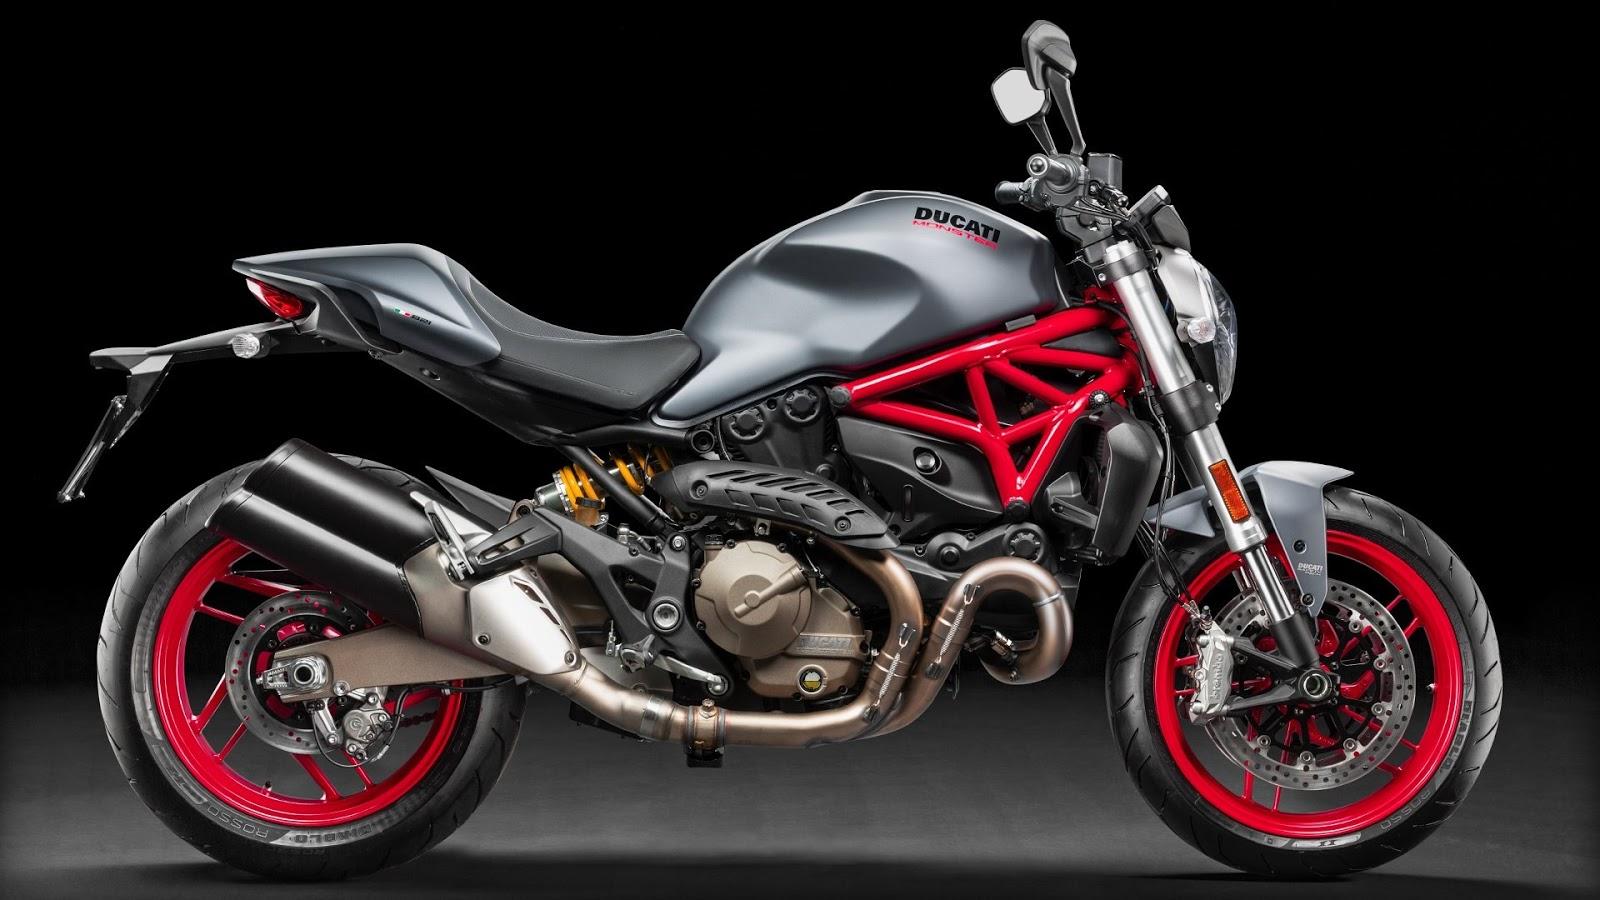 Ducati Monster 821 Review Elitecar